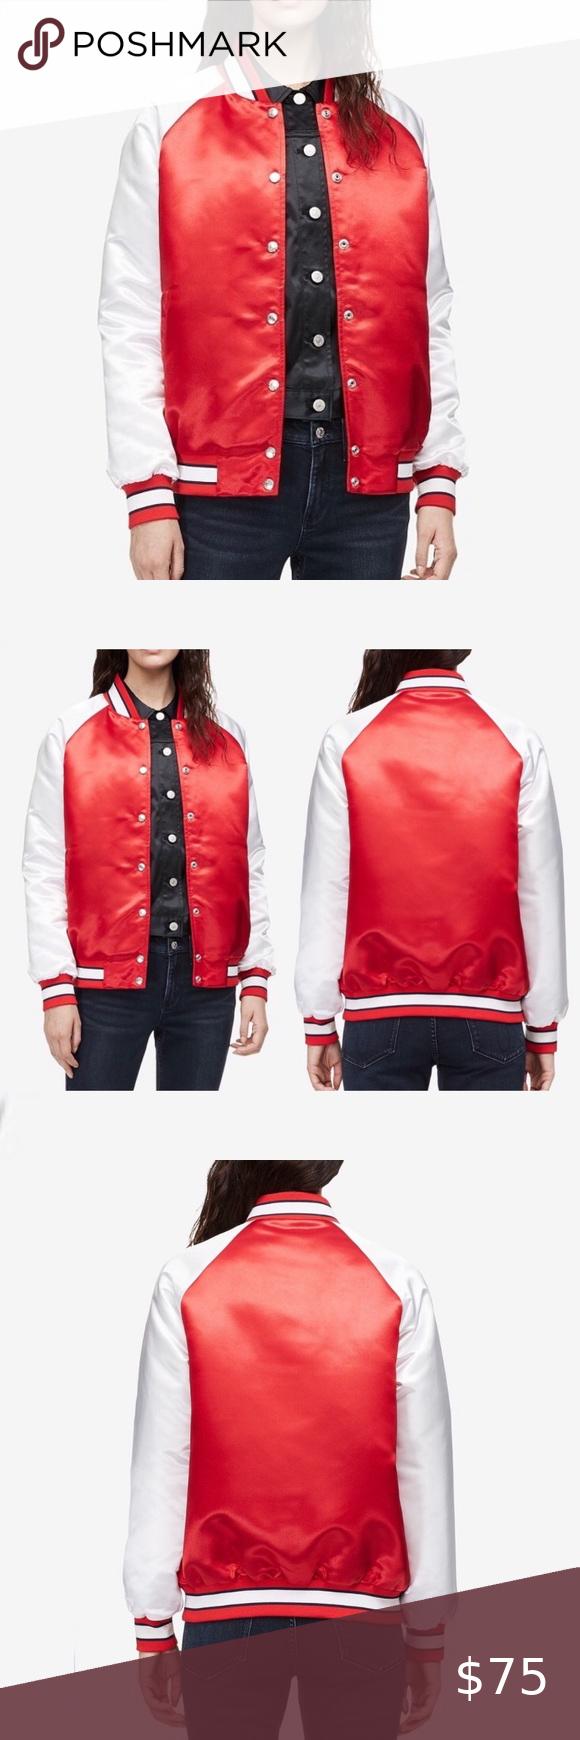 Nwt Calvin Klein Varsity Bomber Jacket Red M Calvin Klein Jeans Varsity Bomber Jacket Red And White Made Varsity Bomber Jacket Red Jacket Bomber Jacket [ 1740 x 580 Pixel ]